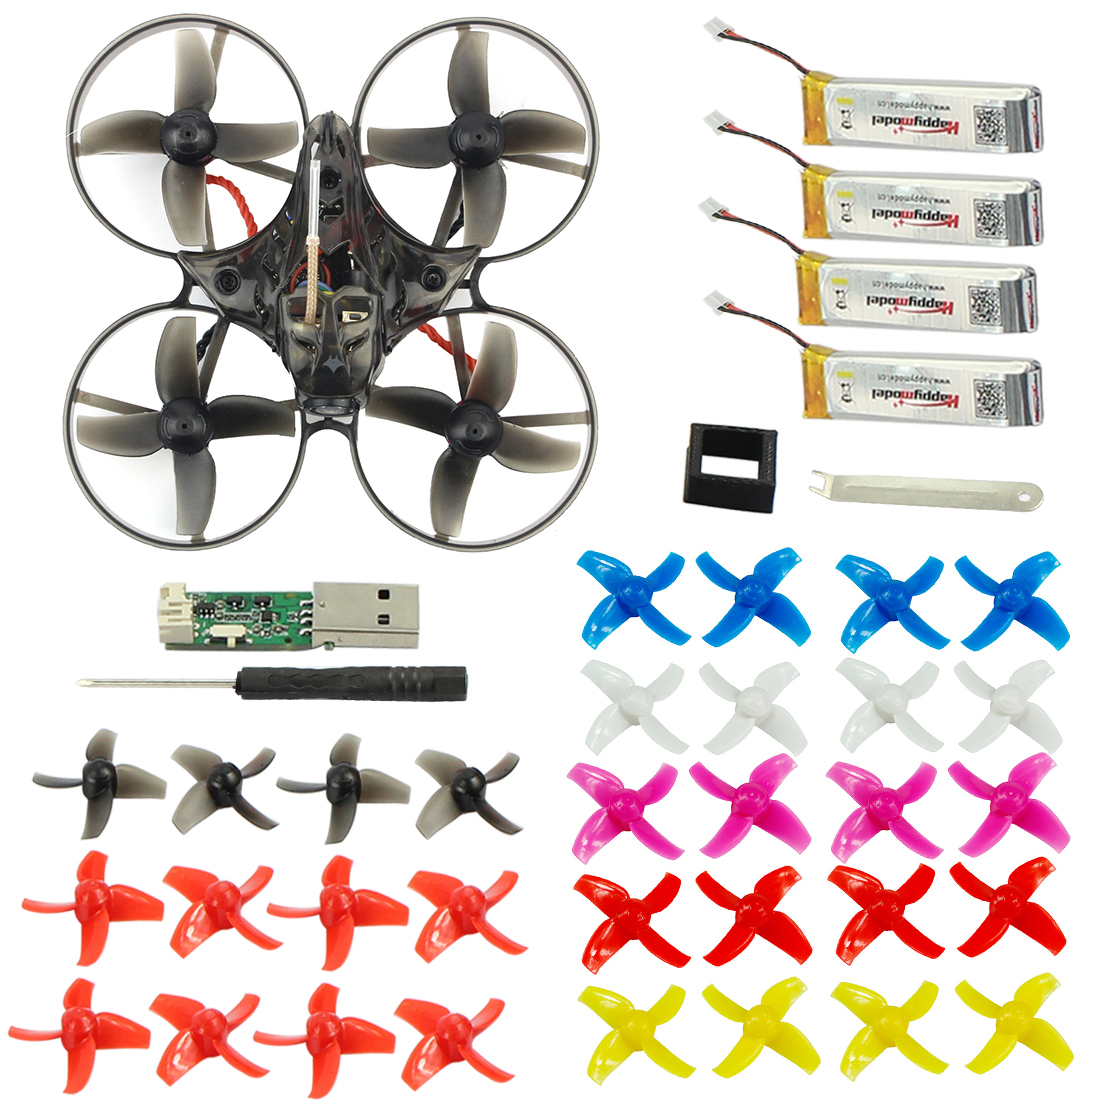 Mobula7 75mm empattement 2 S sans brosse BWhoop FPV course Drone moteur corps coque émetteur batterie enfants jouets 10 paire prop pour cadeau